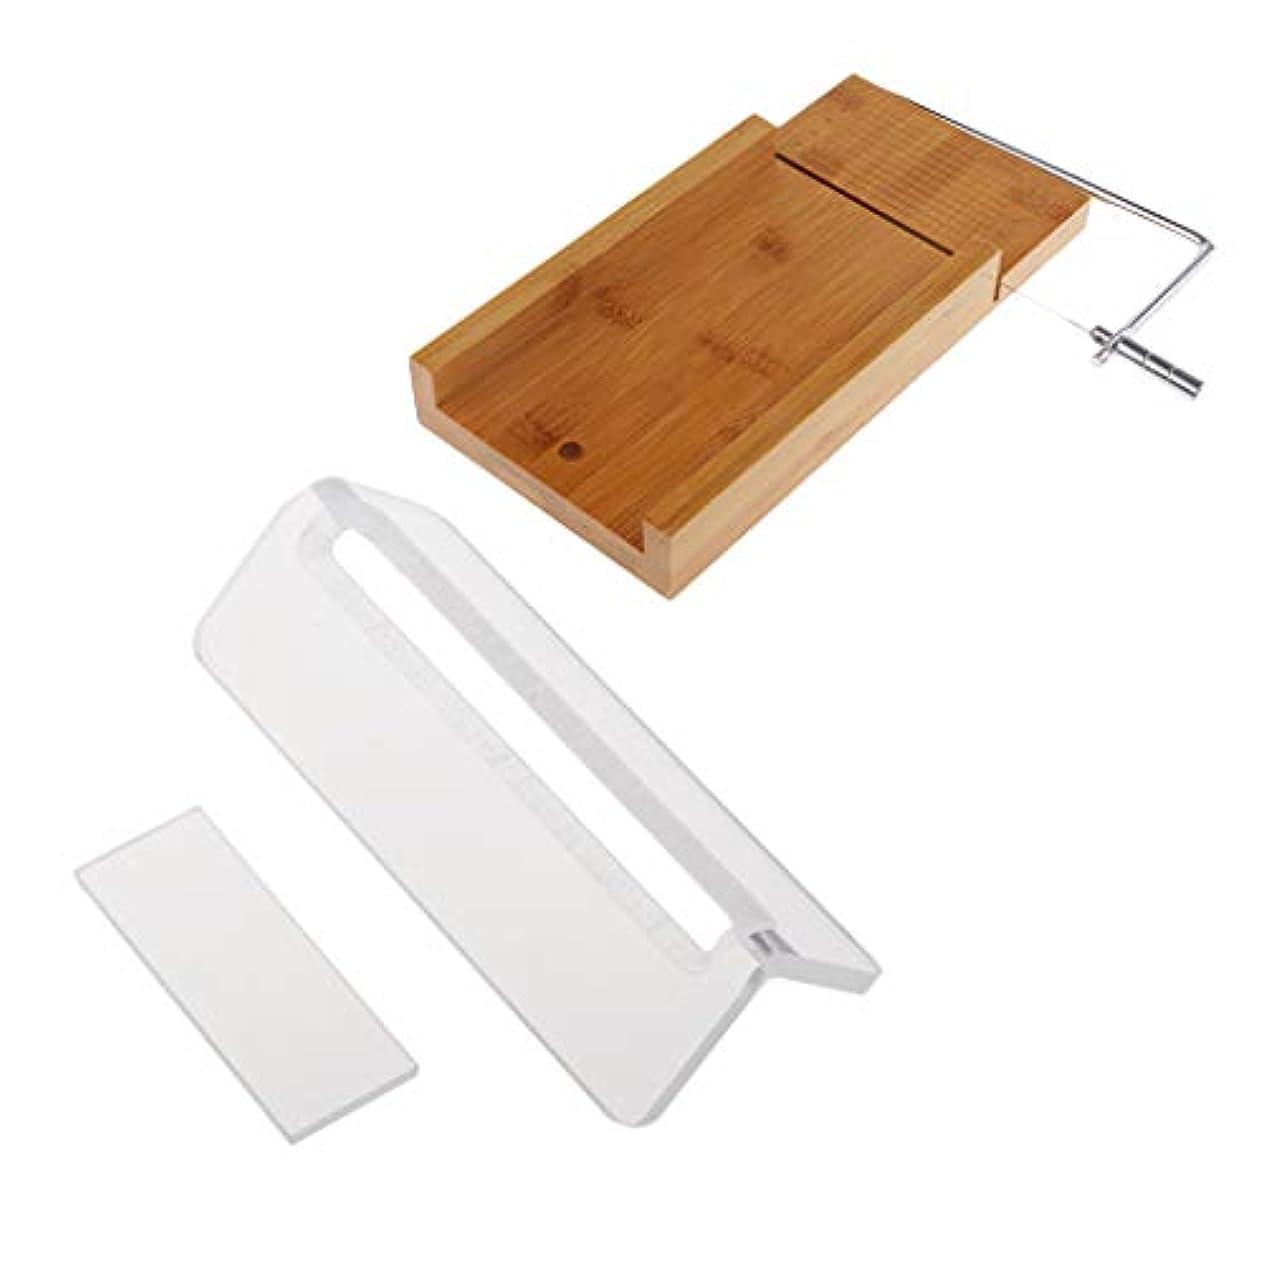 悪性のプレビュー誰かFLAMEER ローフカッター 木製 ソープ包丁 石鹸カッター 手作り石鹸 DIY キッチン用品 2個入り